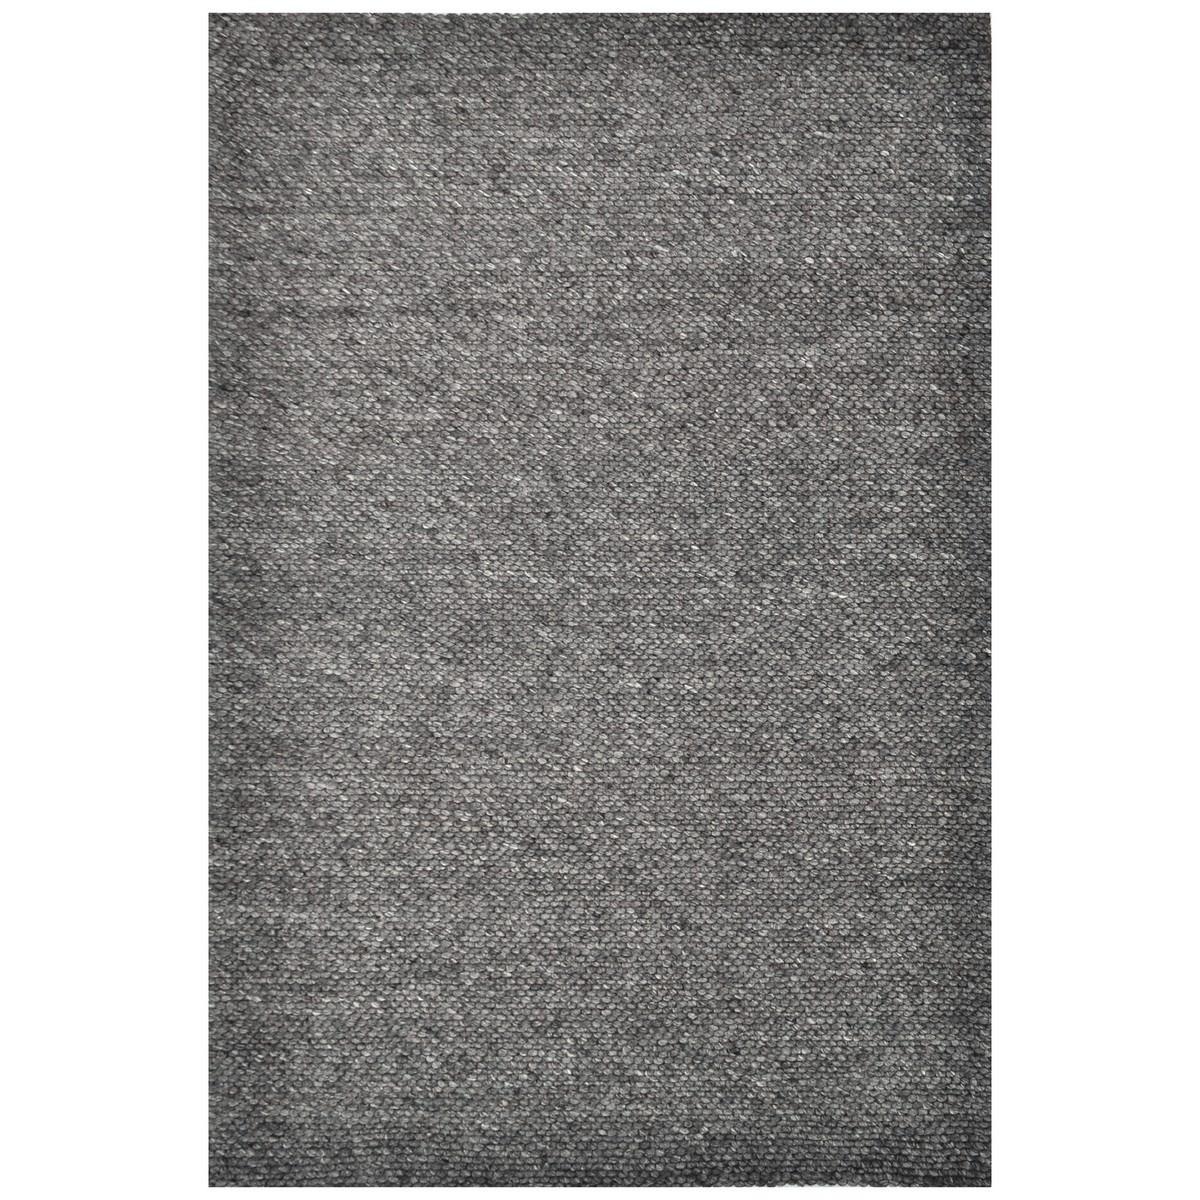 Adelaid Handwoven Wool Rug, 160x230cm, Charcoal